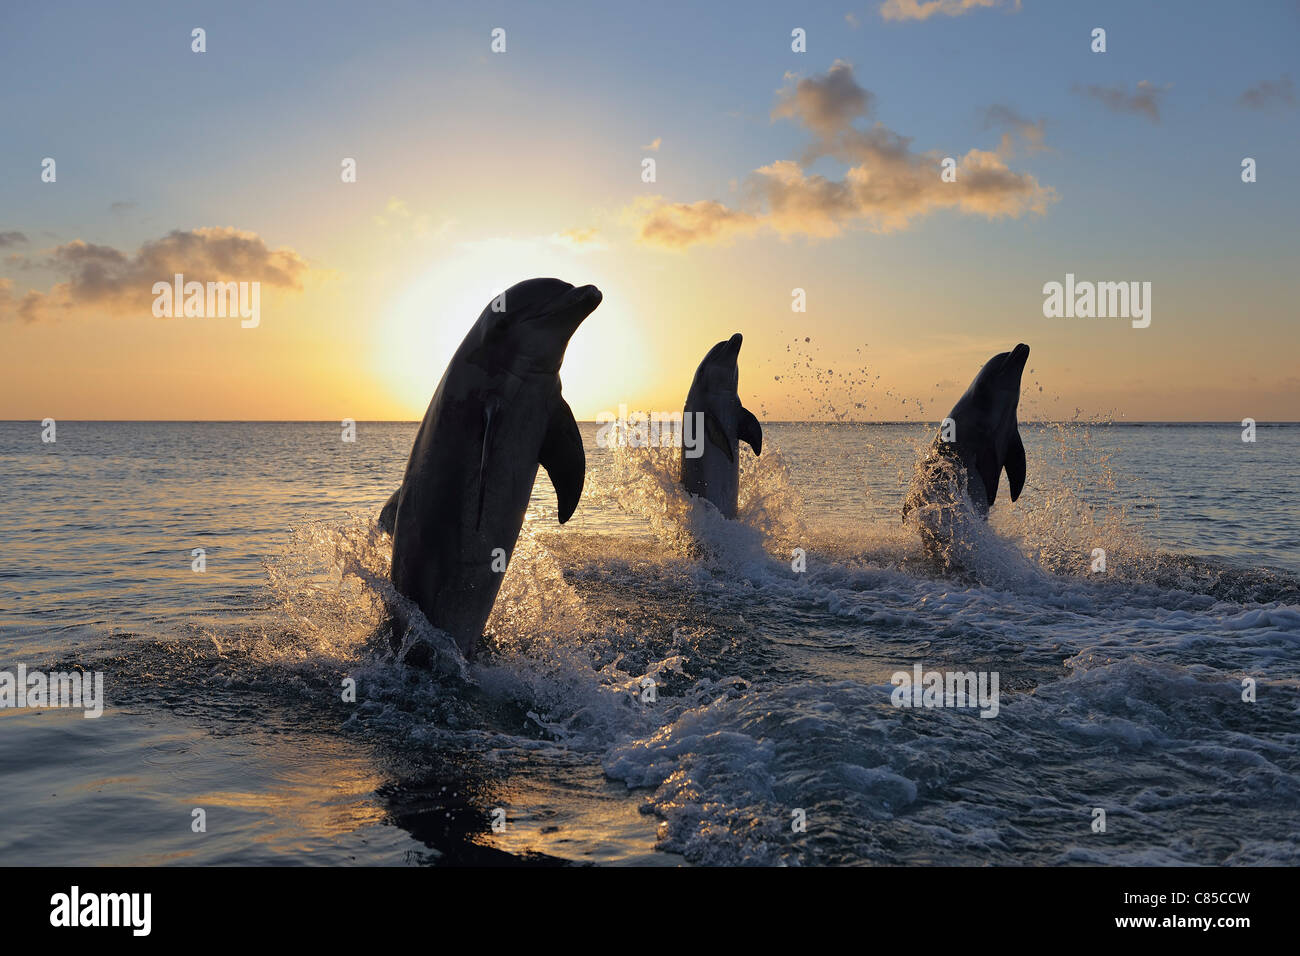 Delfines comunes saltando en el mar al atardecer, Roatán, Islas de la Bahía, Honduras Foto de stock